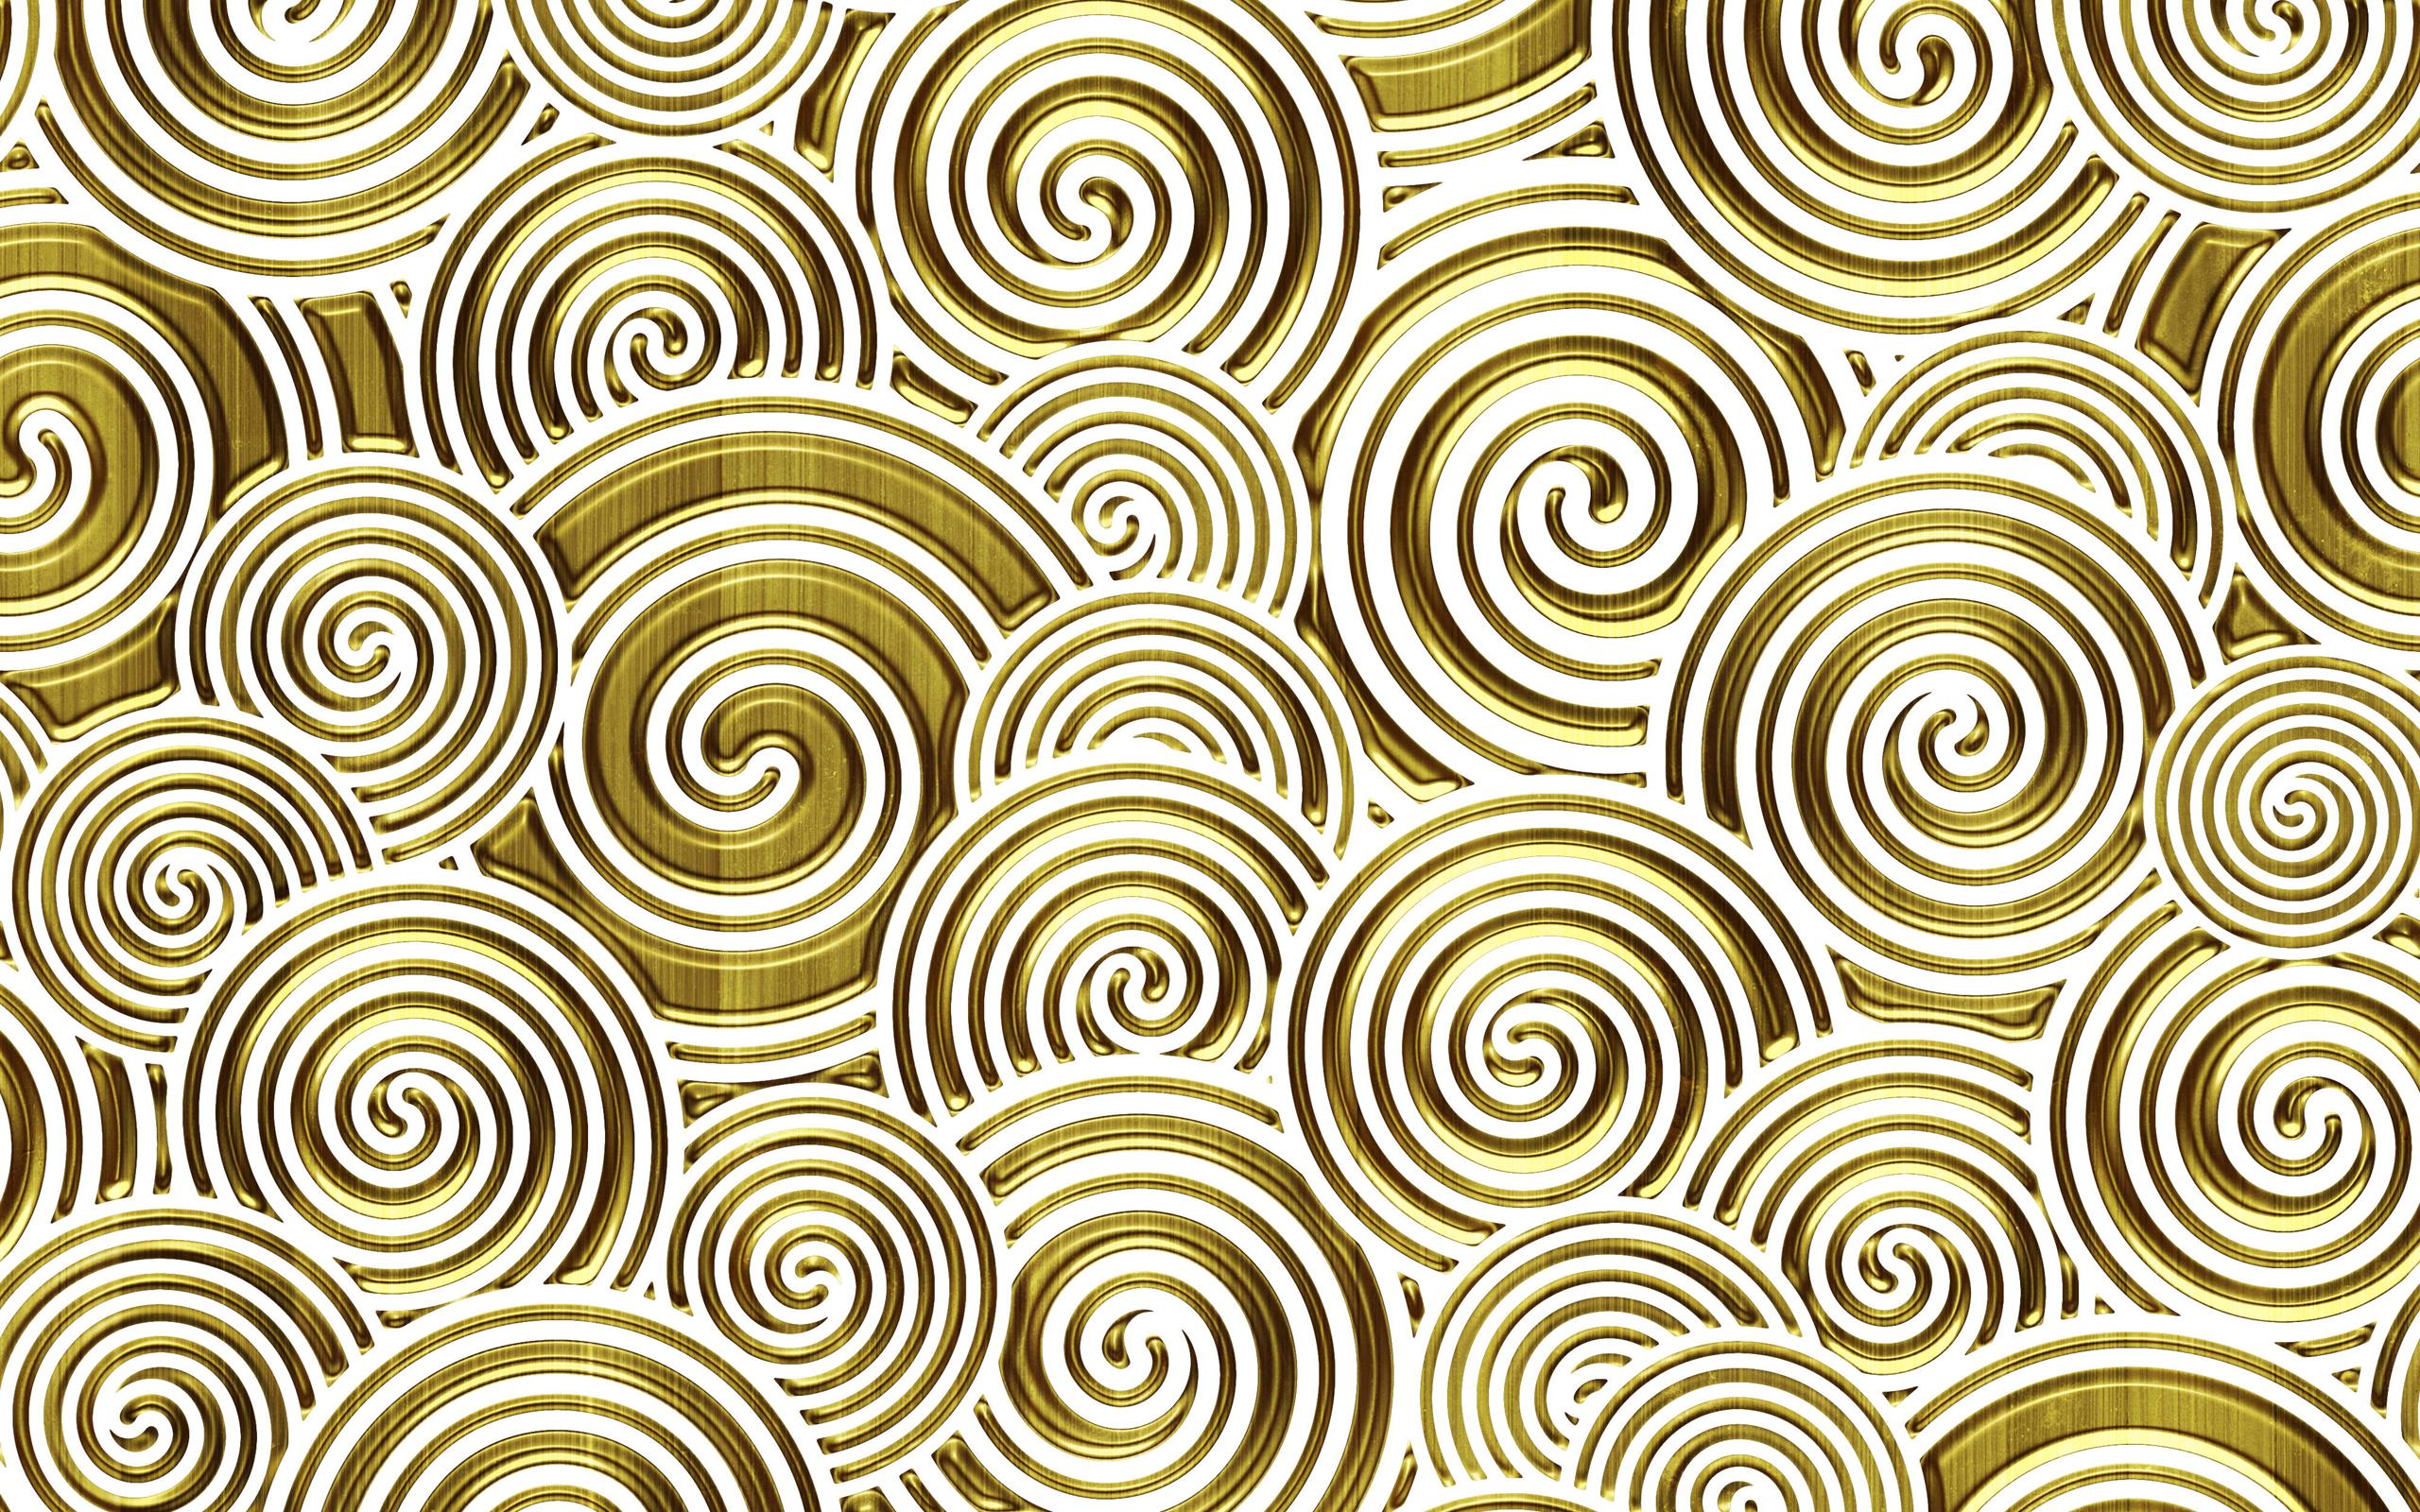 Wood Computer Wallpapers, Desktop Backgrounds   2560x1600   ID:369197